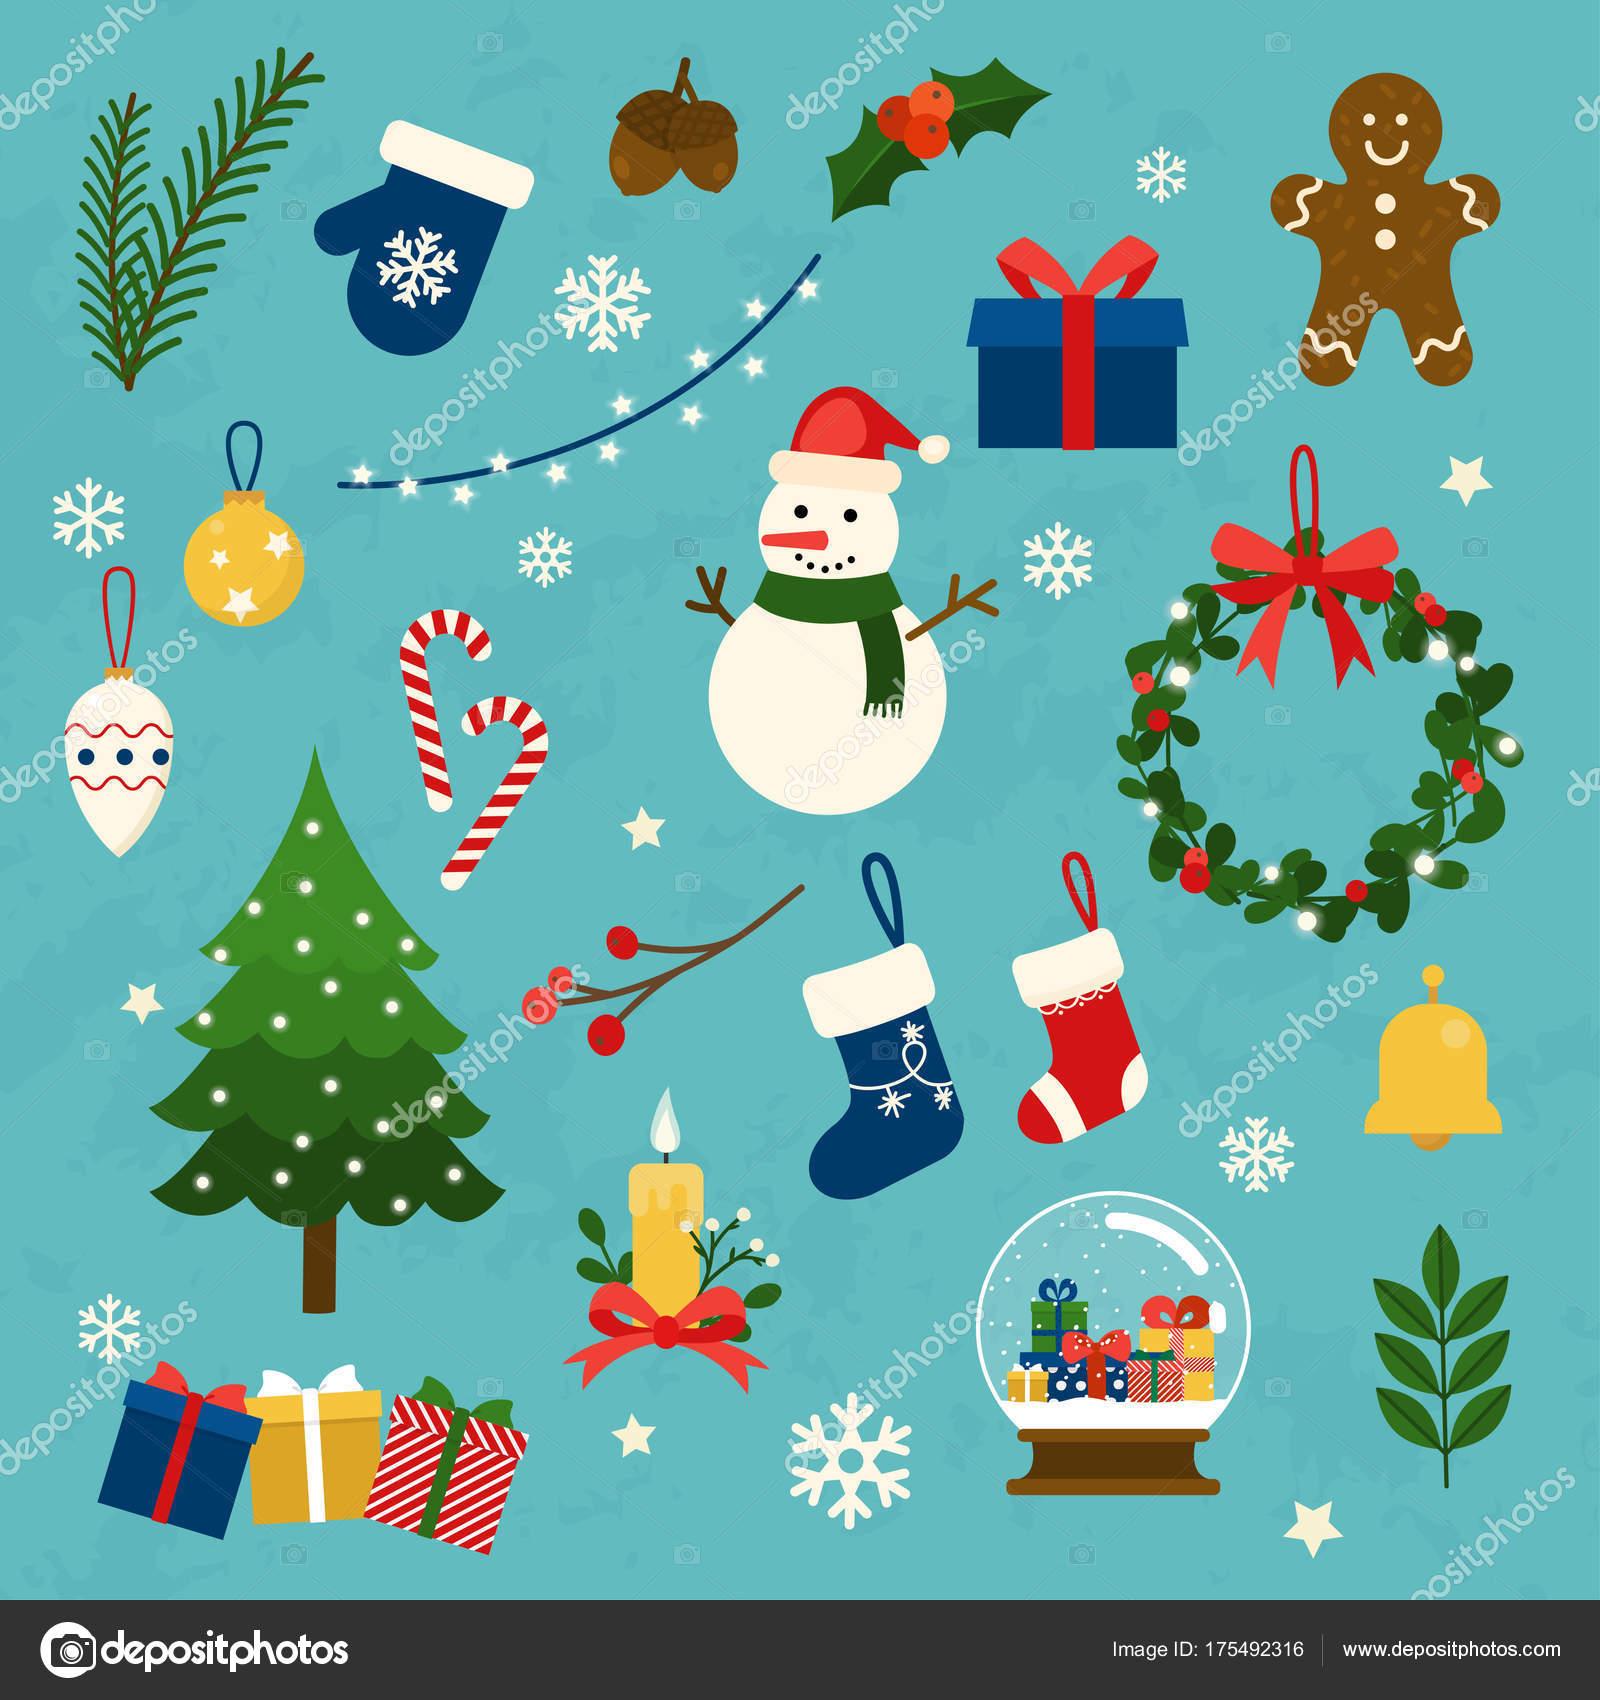 Felicitaciones De Navidad Para Postales.Imagenes Felicitaciones De Navidad Para Postales Conjunto